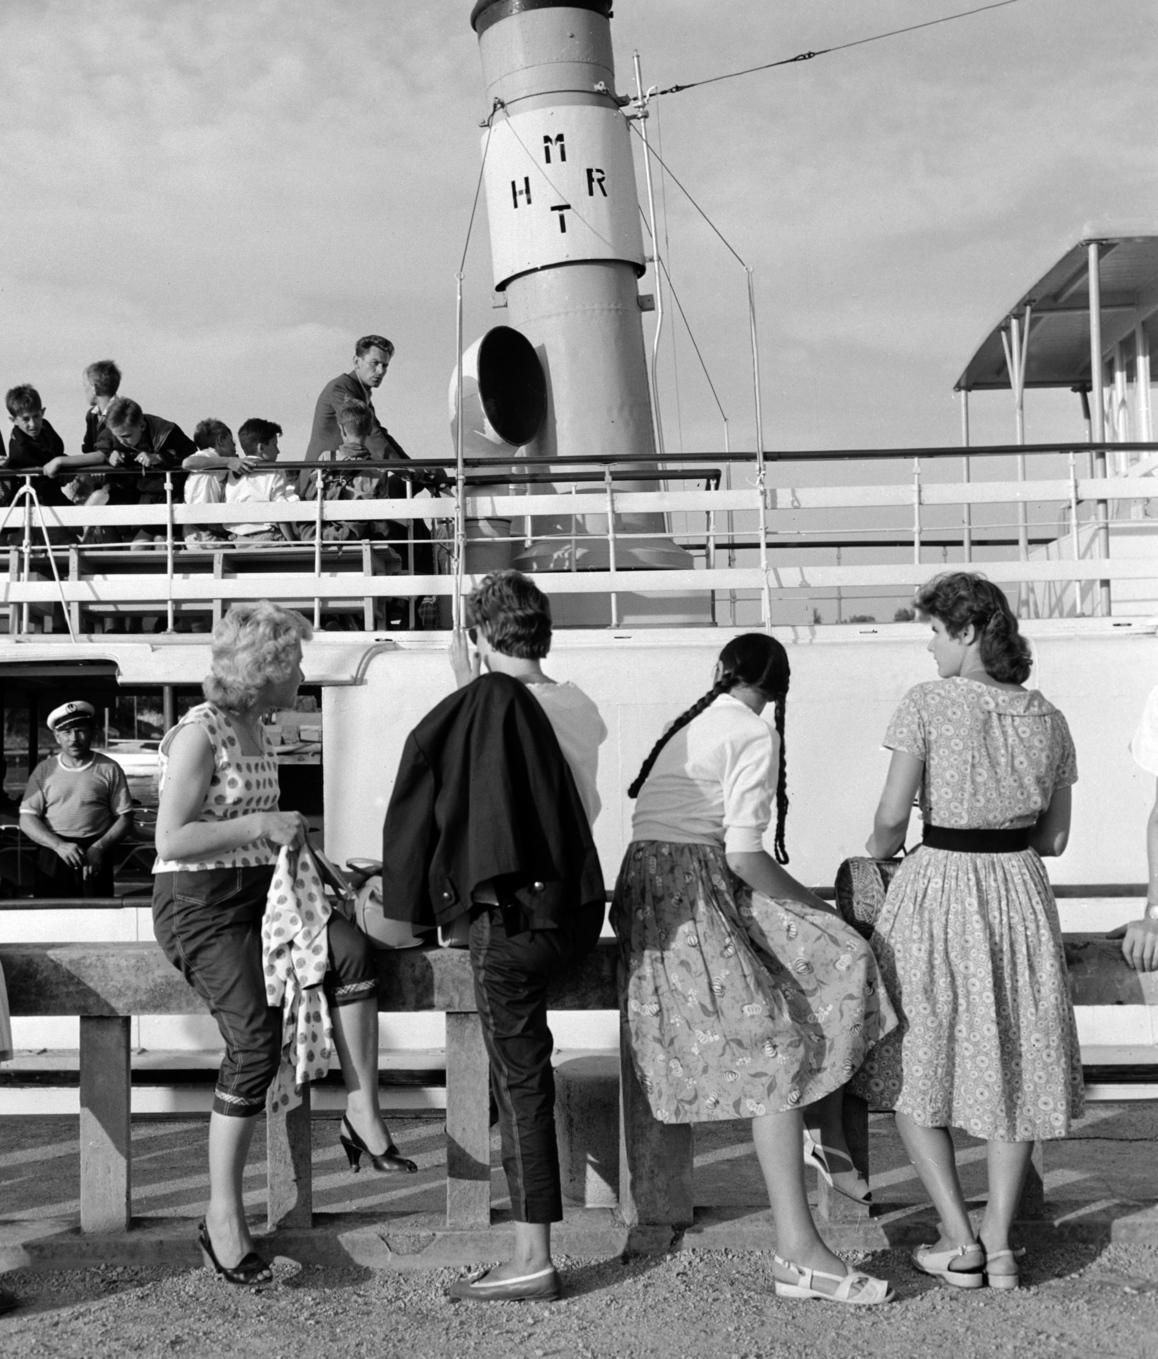 Balatonföldvár, 1960. július 13. A balatonföldvári kikötő mólóján álló nők nézik a MAHART (Magyar Hajózási Rt.) hajóját. MTI Fotó: Balassa Ferenc